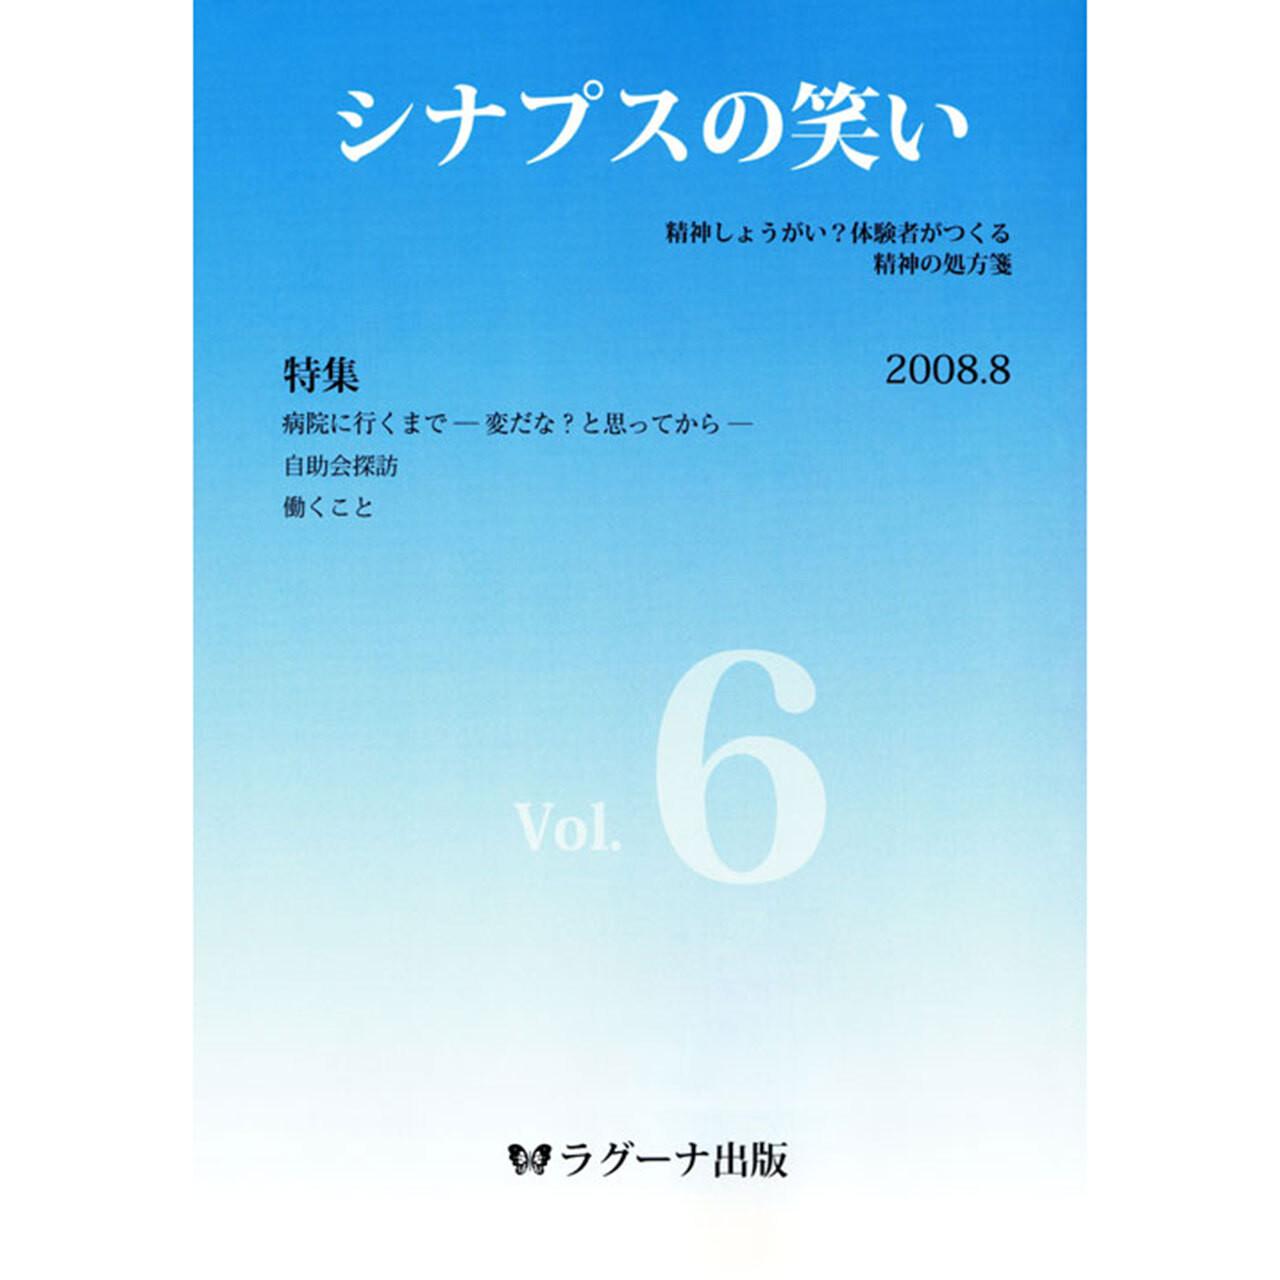 シナプスの笑い Vol.6